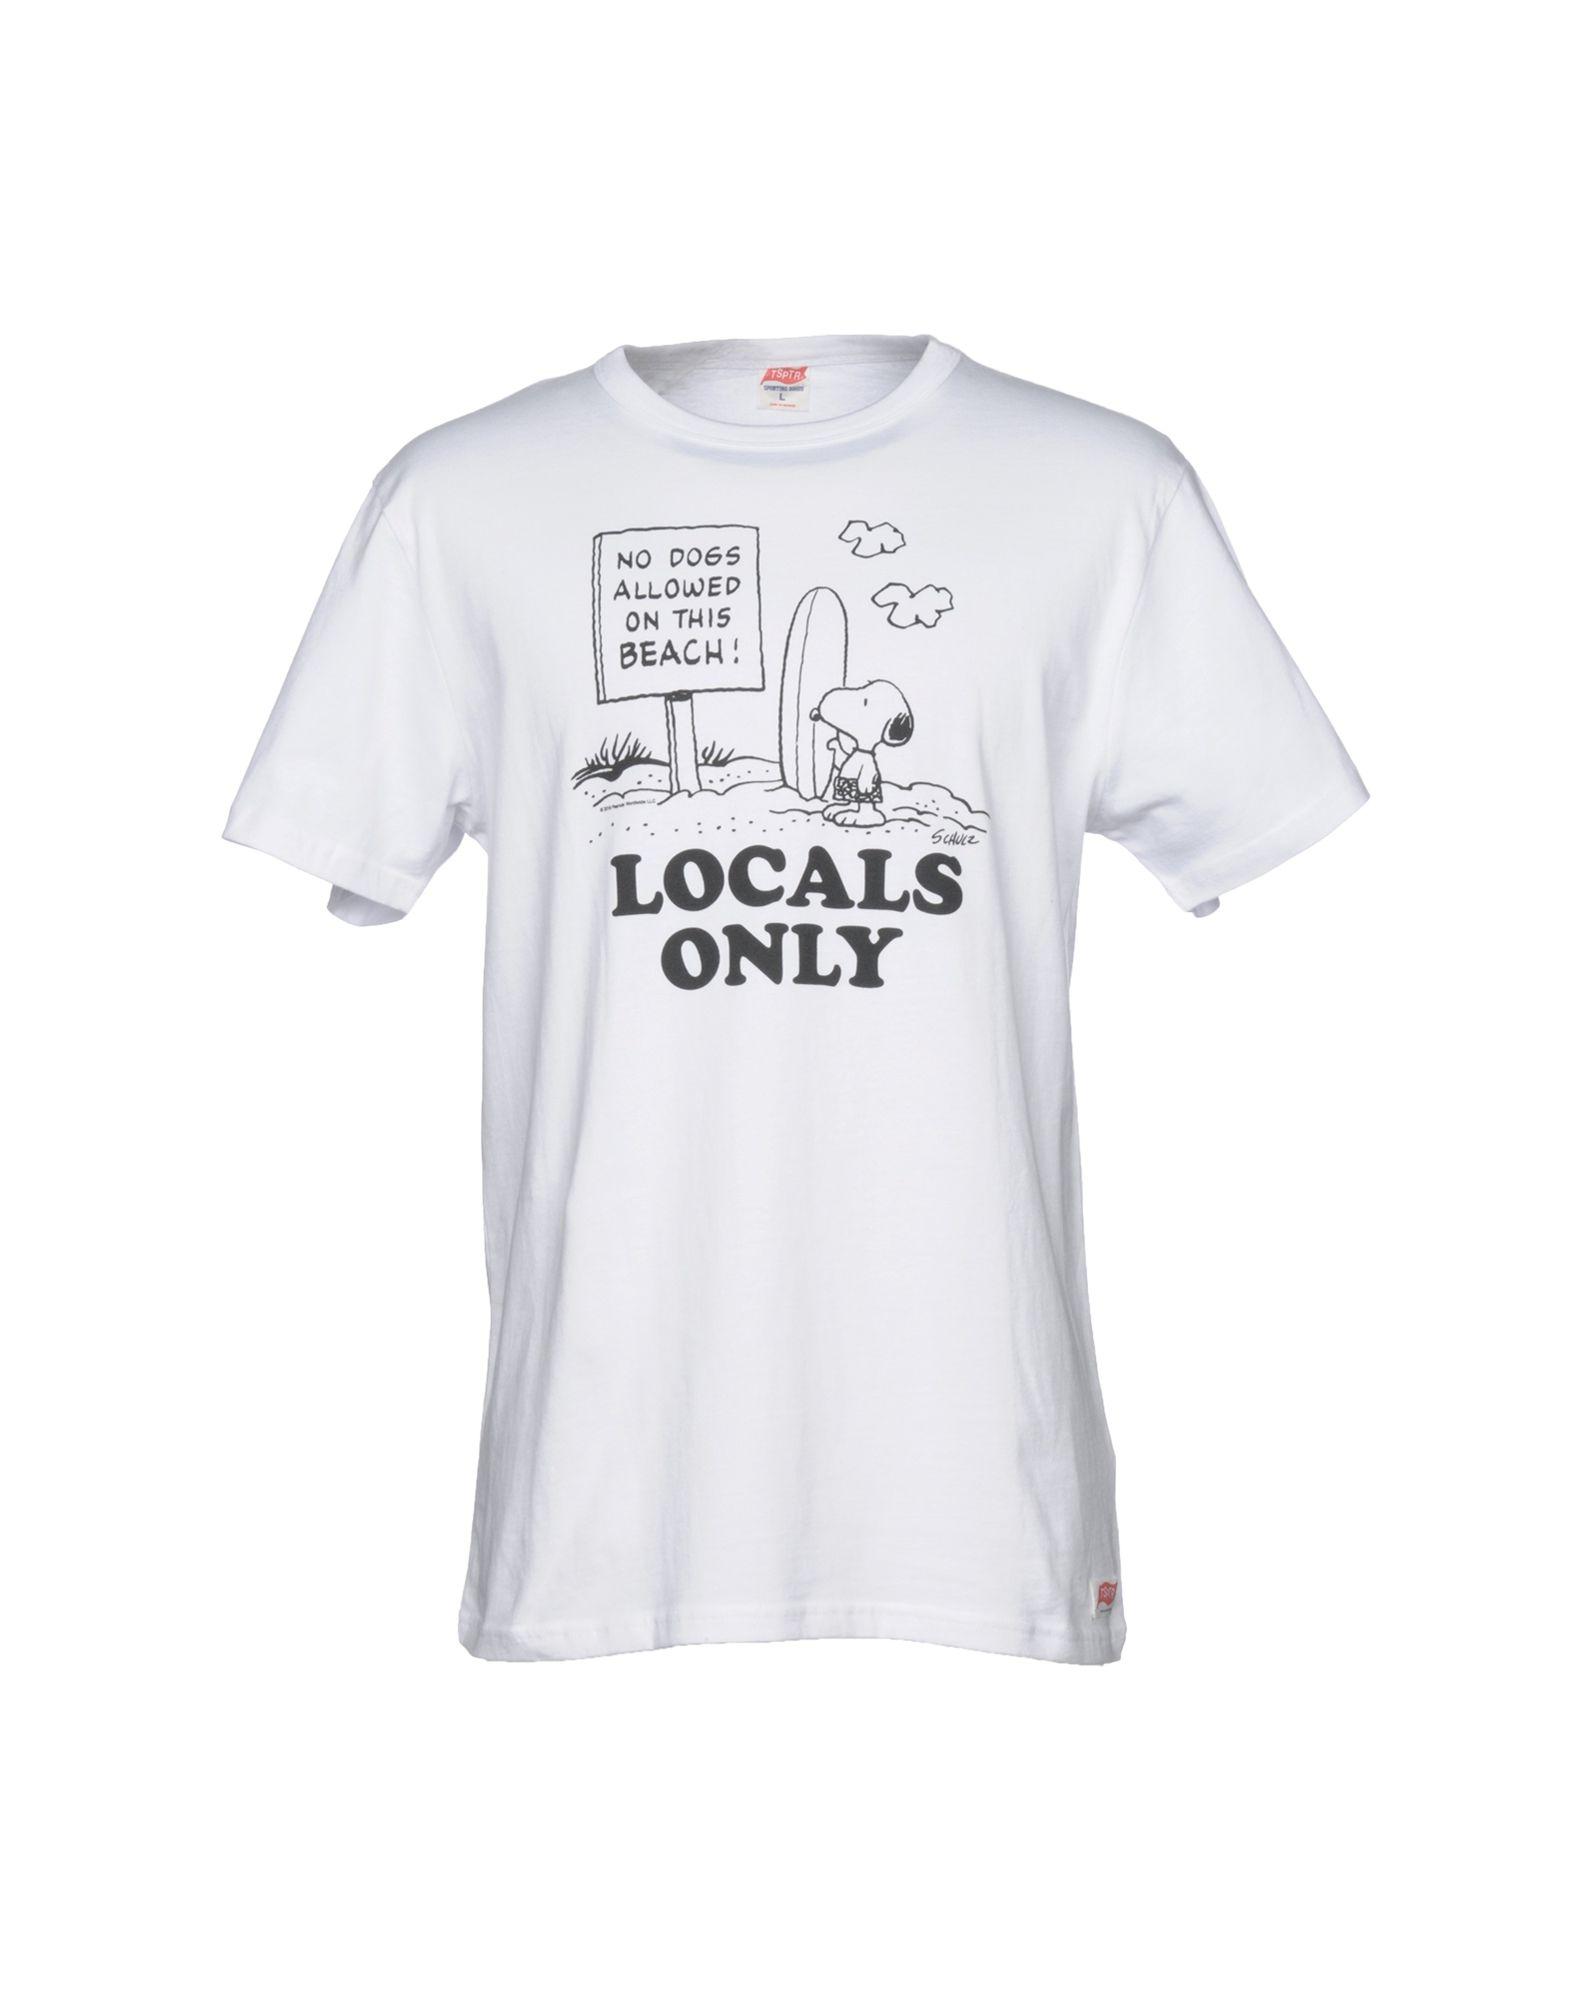 TSPTR T-Shirt in White